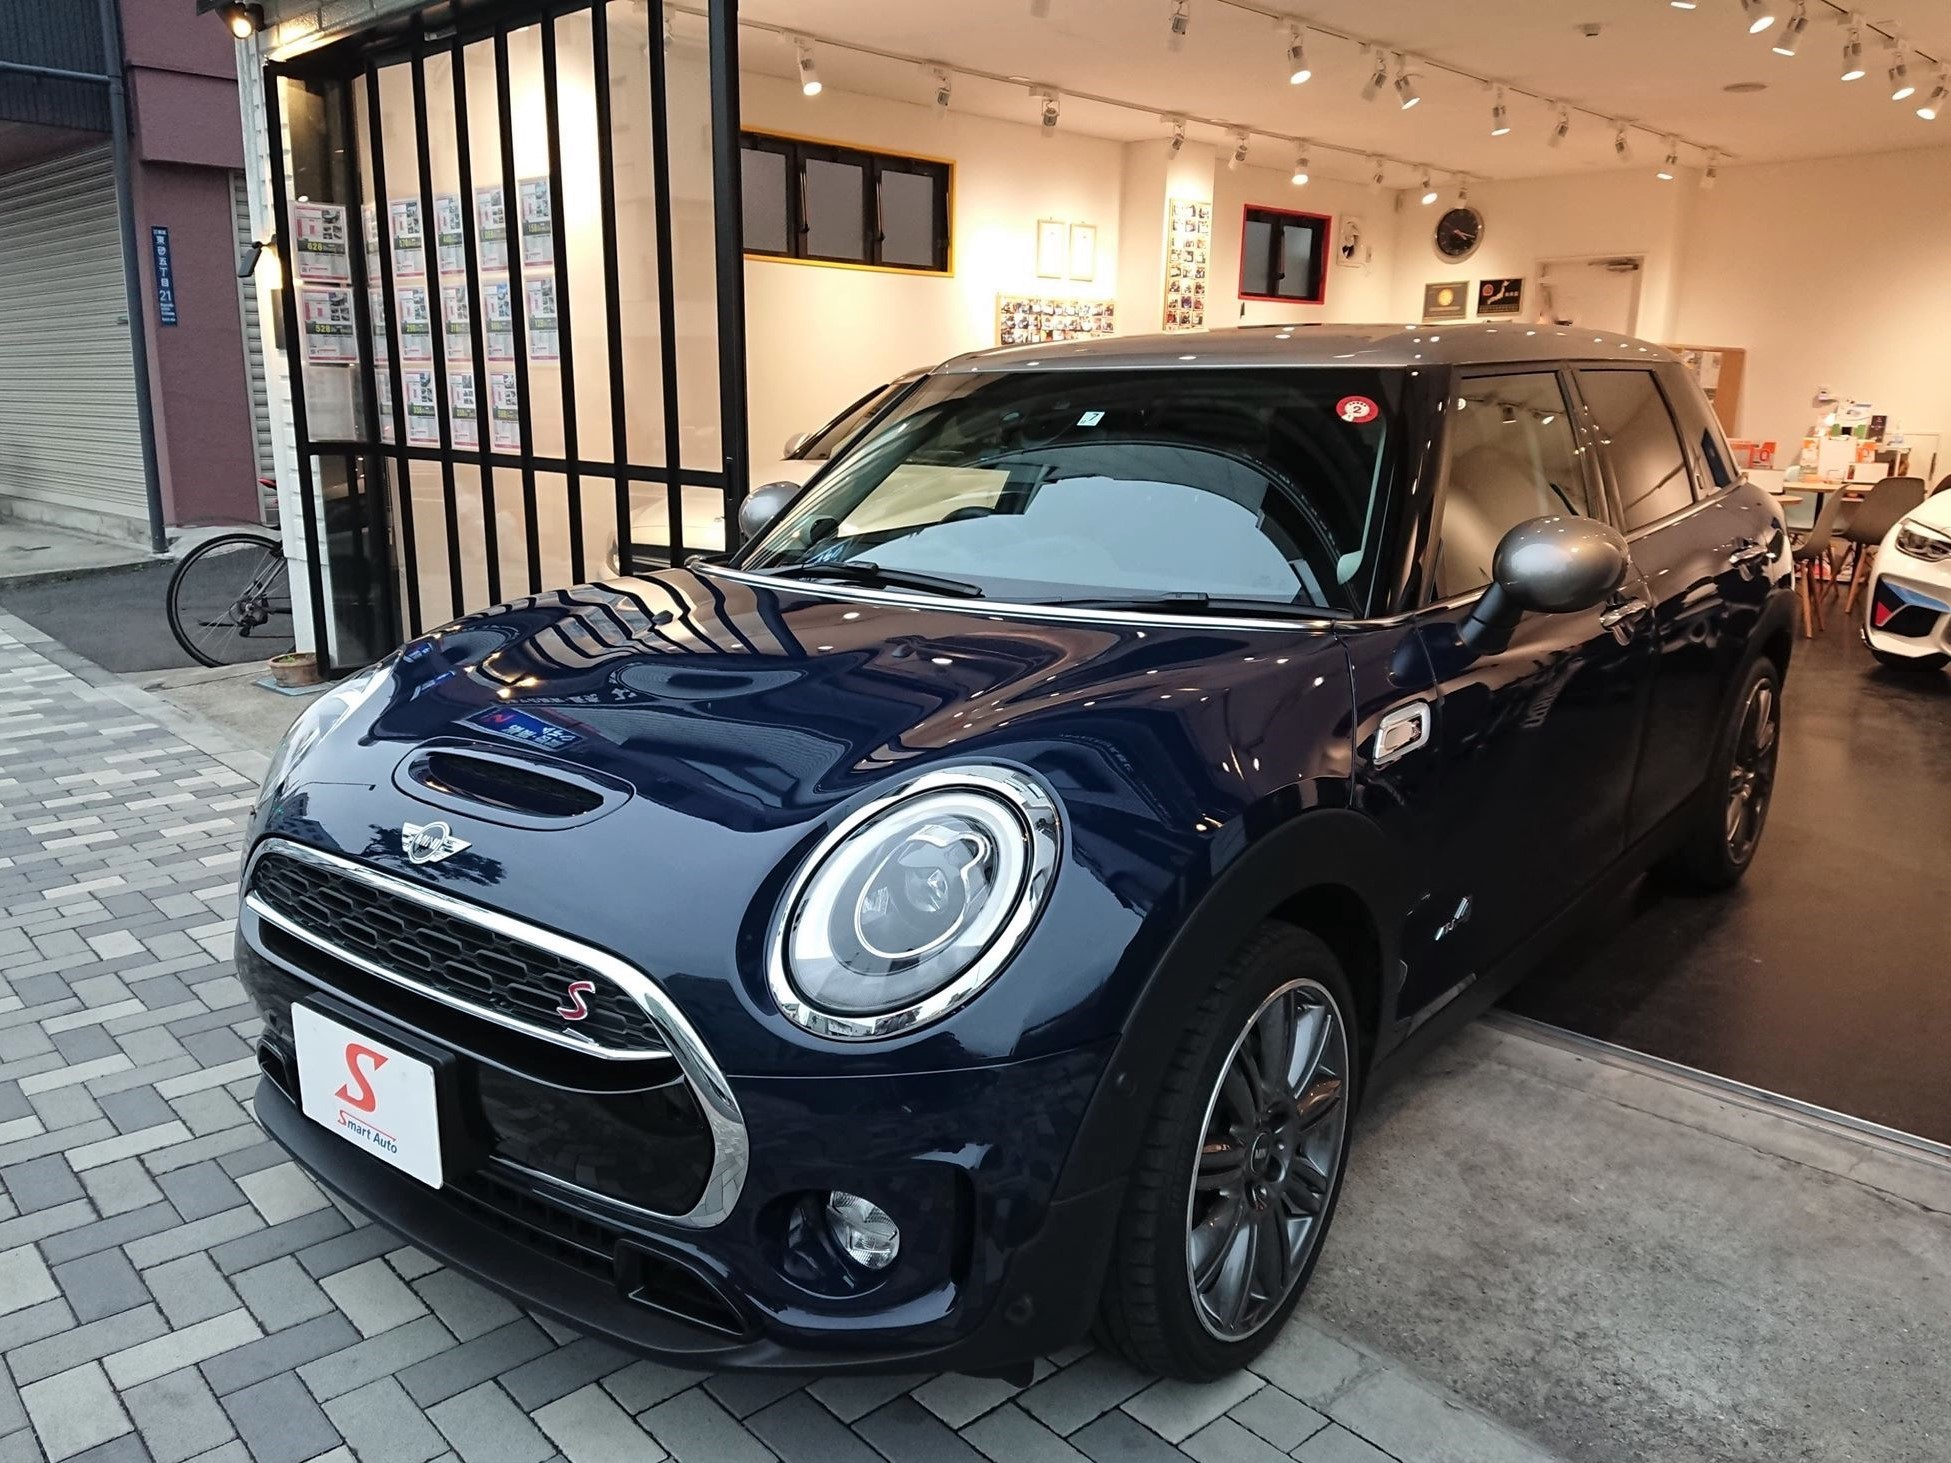 2017年式 MINI クーパーS クラブマン ALL4 をご購入の長野県・T様よりご感想を頂きました。